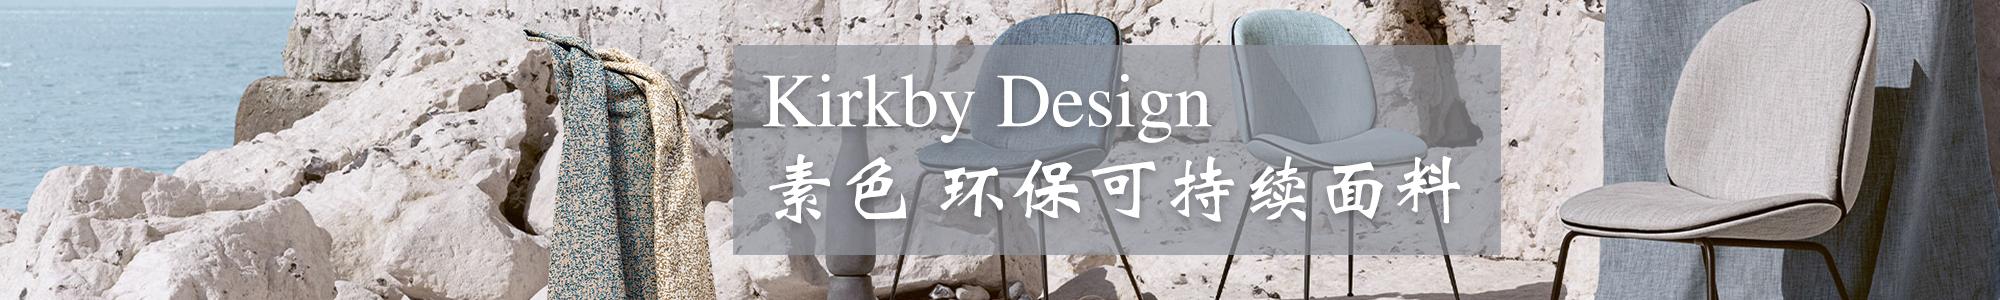 Kirkby Design 素色 环保可持续面料